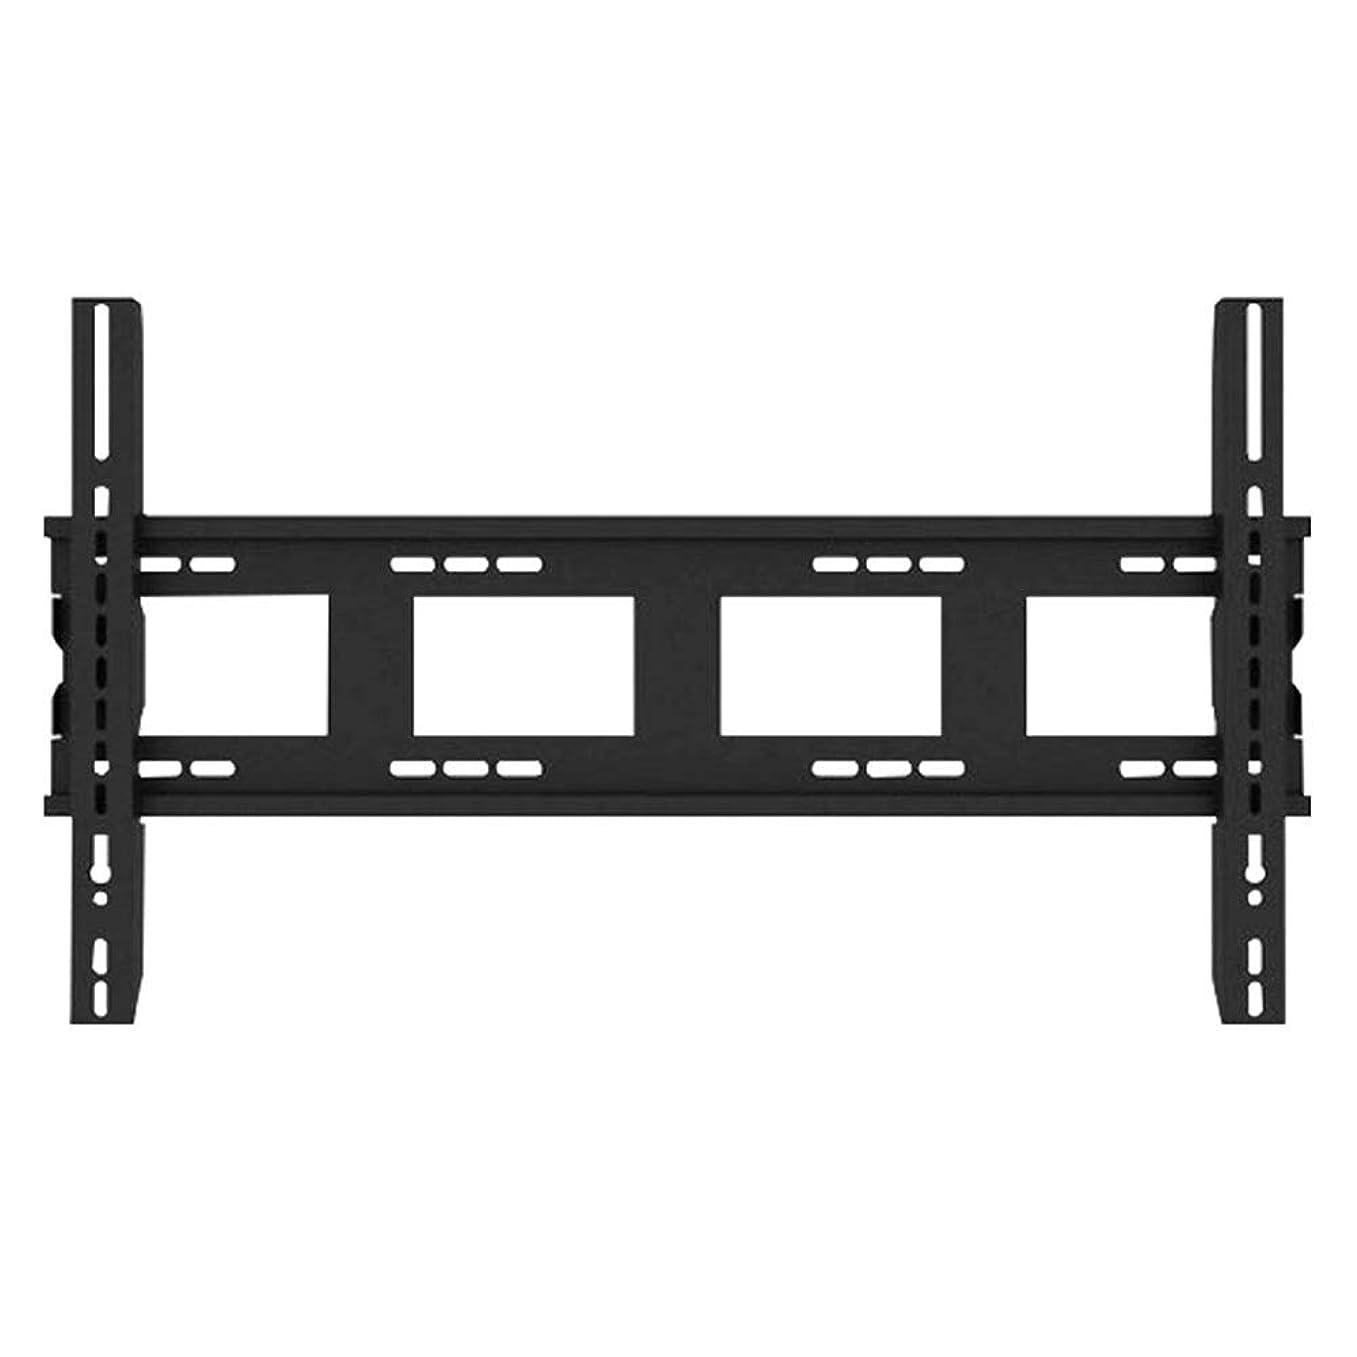 意気揚々犯人従事するテレビ台 テレビウォールマウントブラケットのための最もLED LCDフラットスクリーンフィット42から84インチのテレビウォールブラケット テレビ壁掛け用部品 (色 : Black, Size : 42-84 inches)